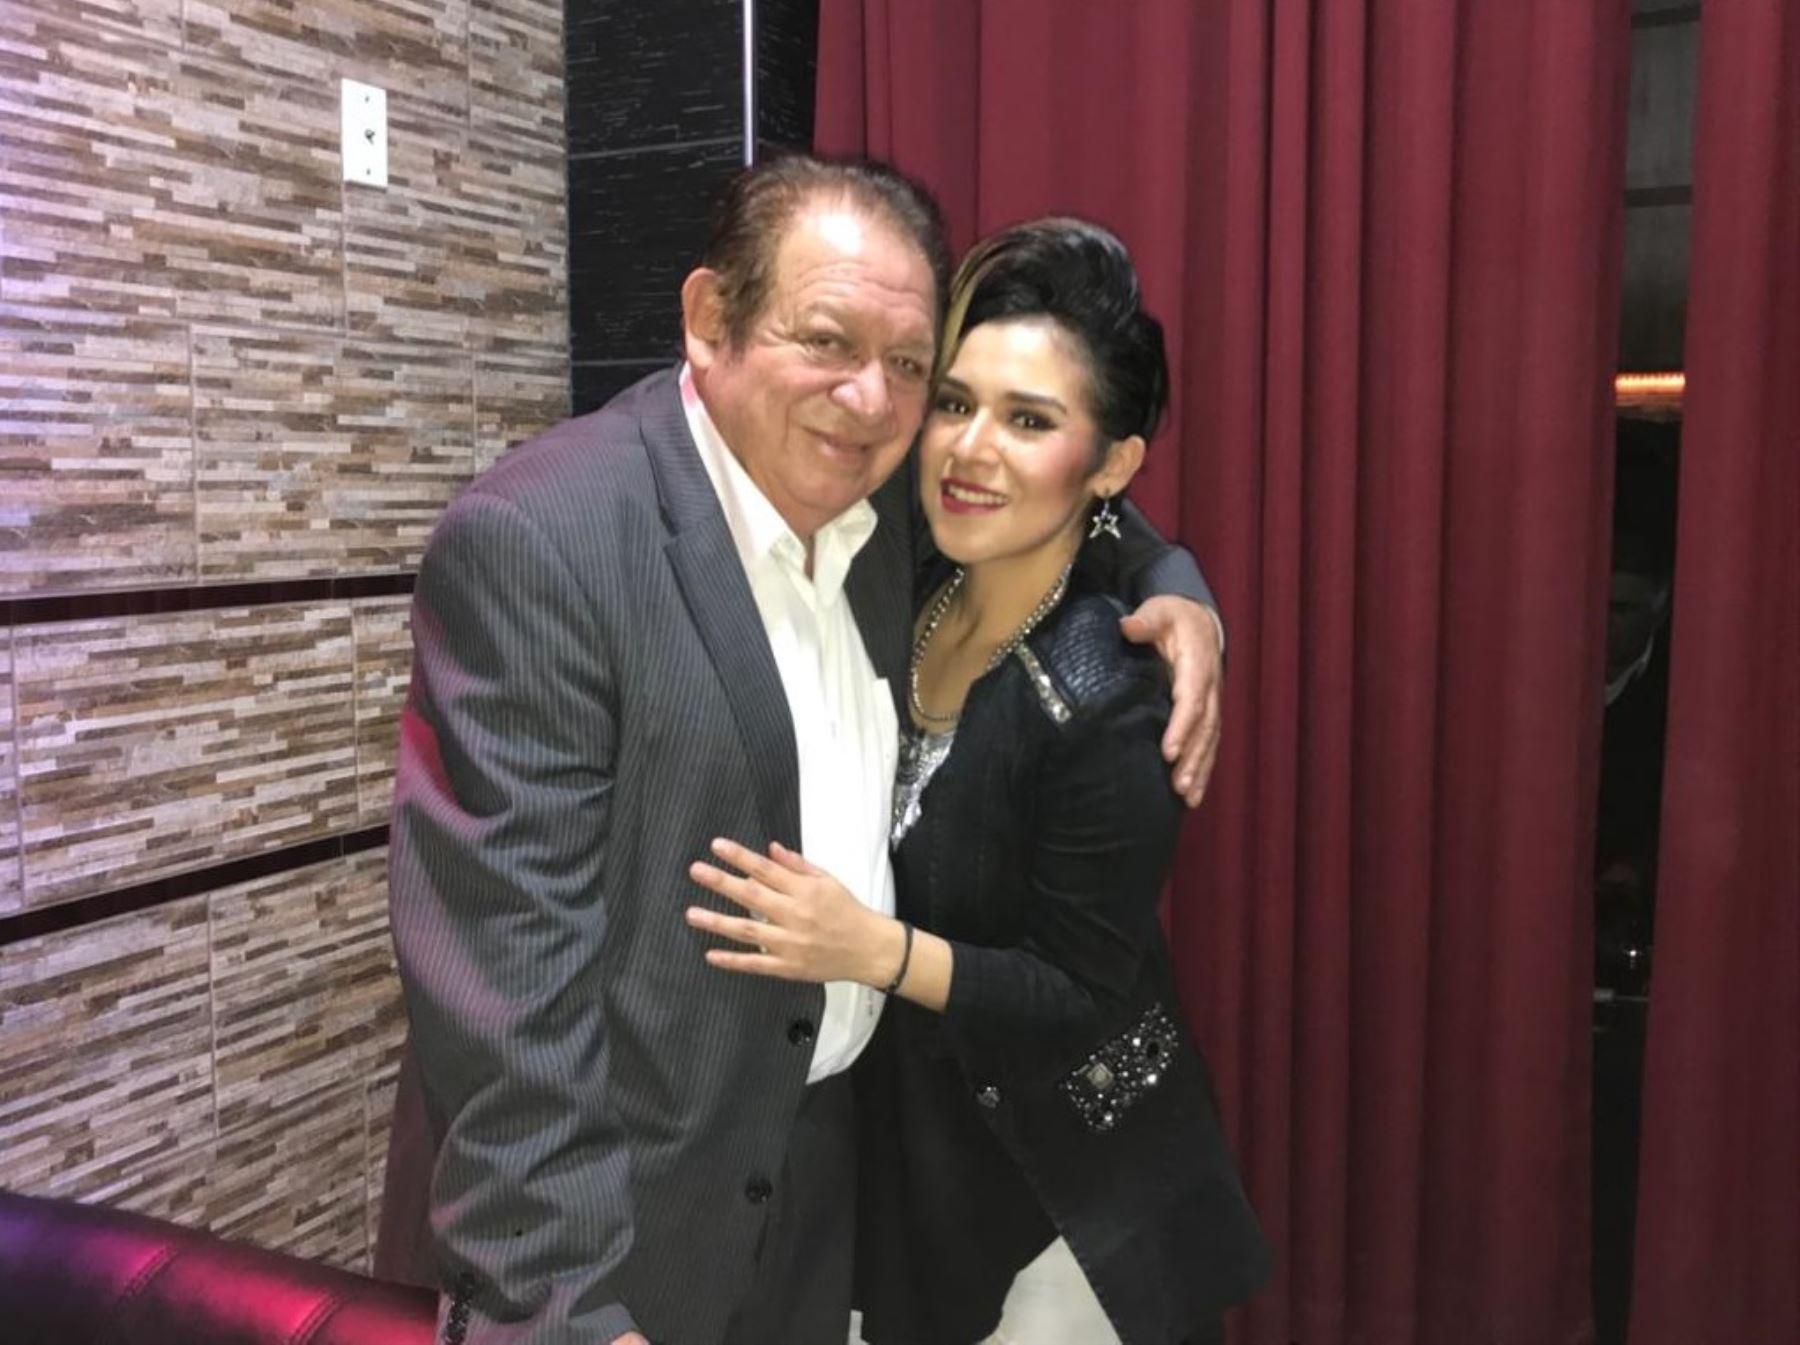 Polo Palomino y su hija Ruby Palomino, quien ganó La Voz Perú.